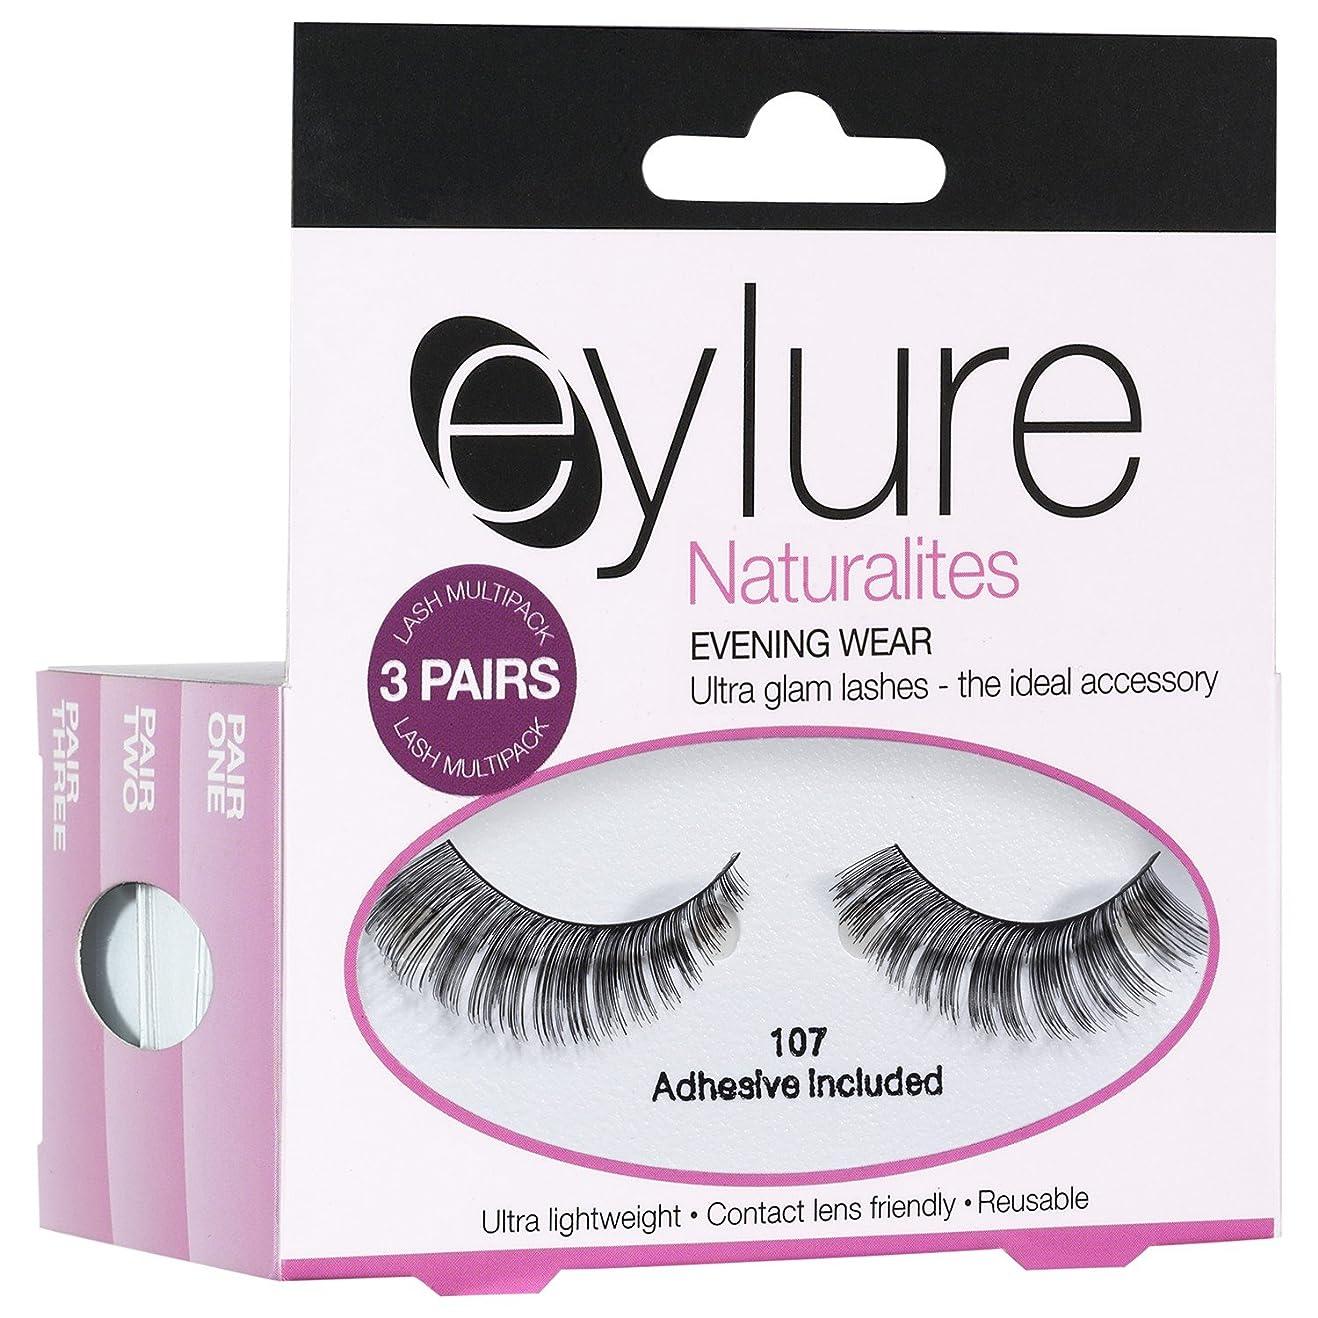 前文財政不合格Eylure Naturalites夕方偽まつげ (Elegant Touch) (x6) - Eylure Naturalites Evening False Eye Lashes (Pack of 6) [並行輸入品]